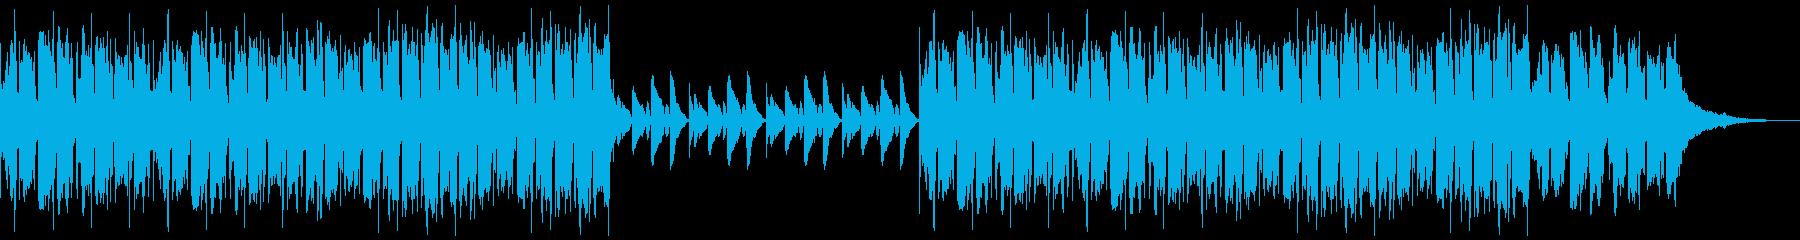 かわいい、ピアノ、コミカル-09の再生済みの波形